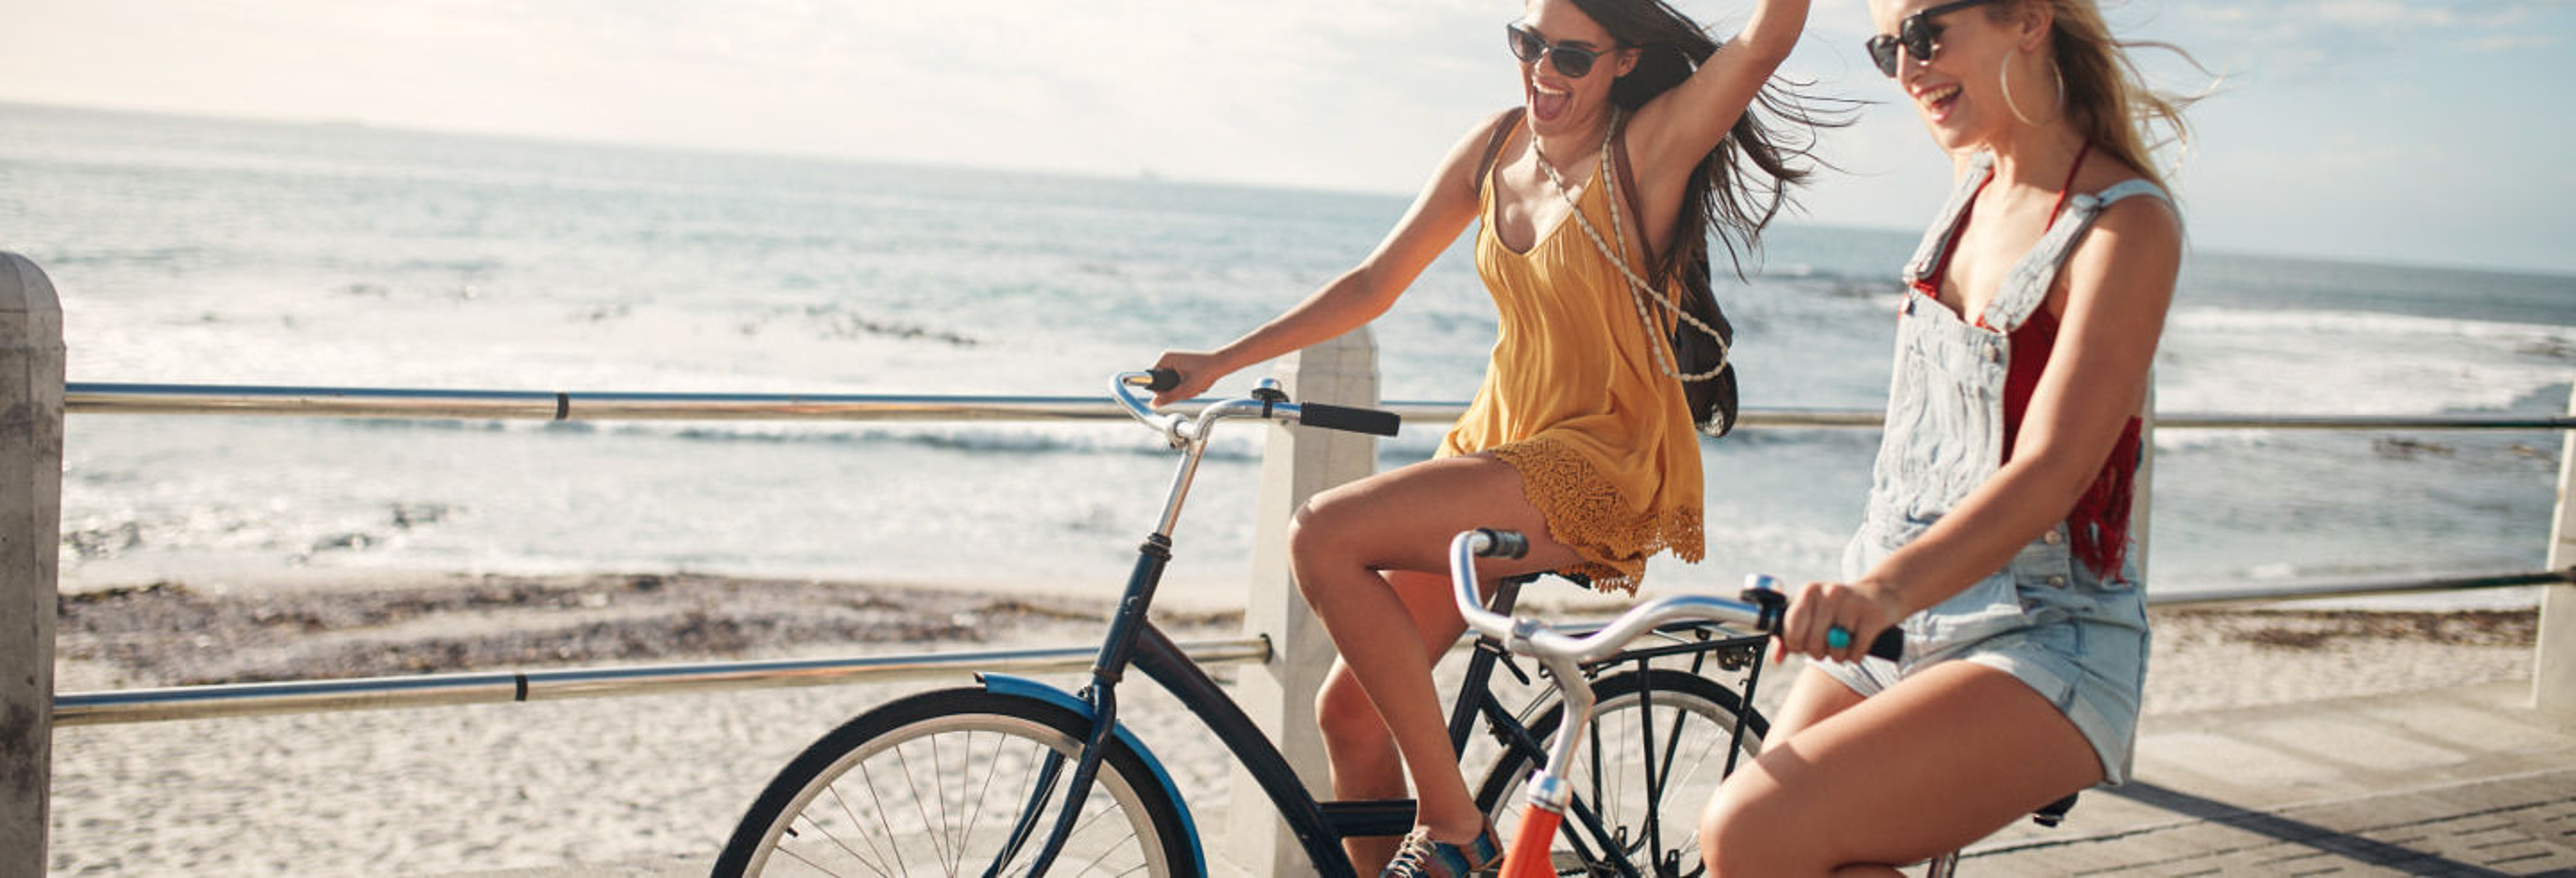 Tour de bicicleta elétrica por Torremolinos